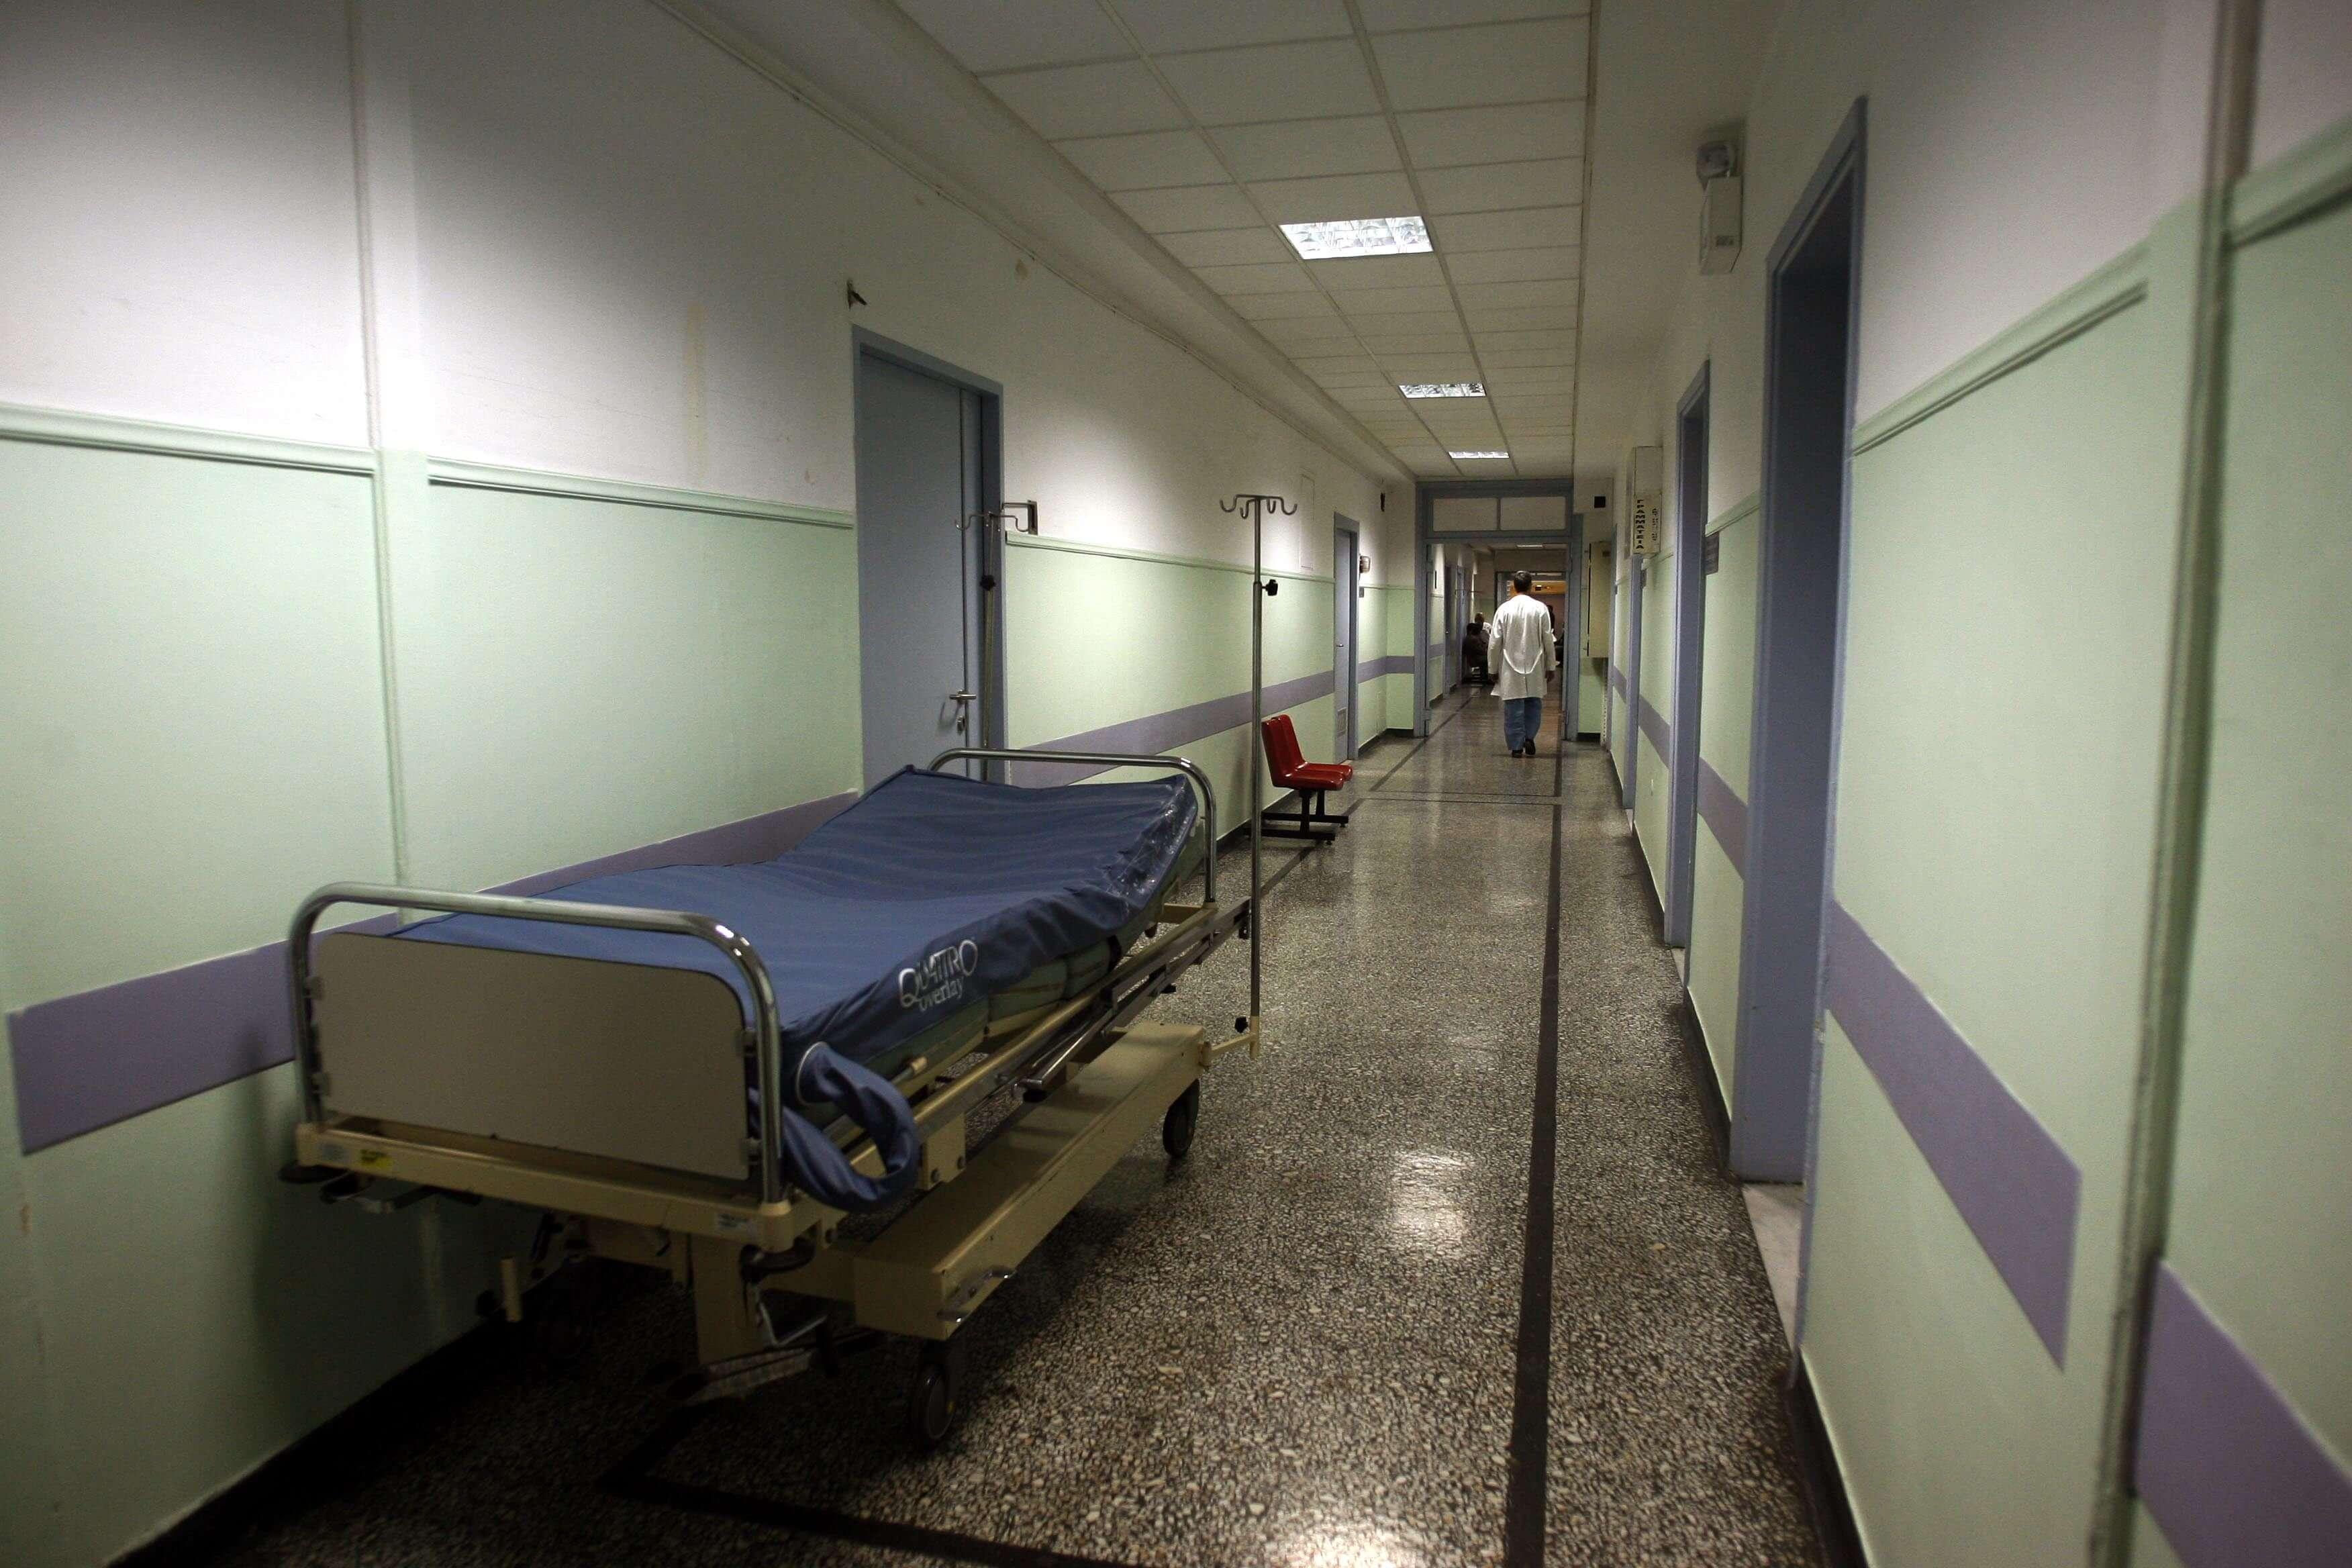 10.000 προσλήψεις στην Υγεία την επόμενη τετραετία